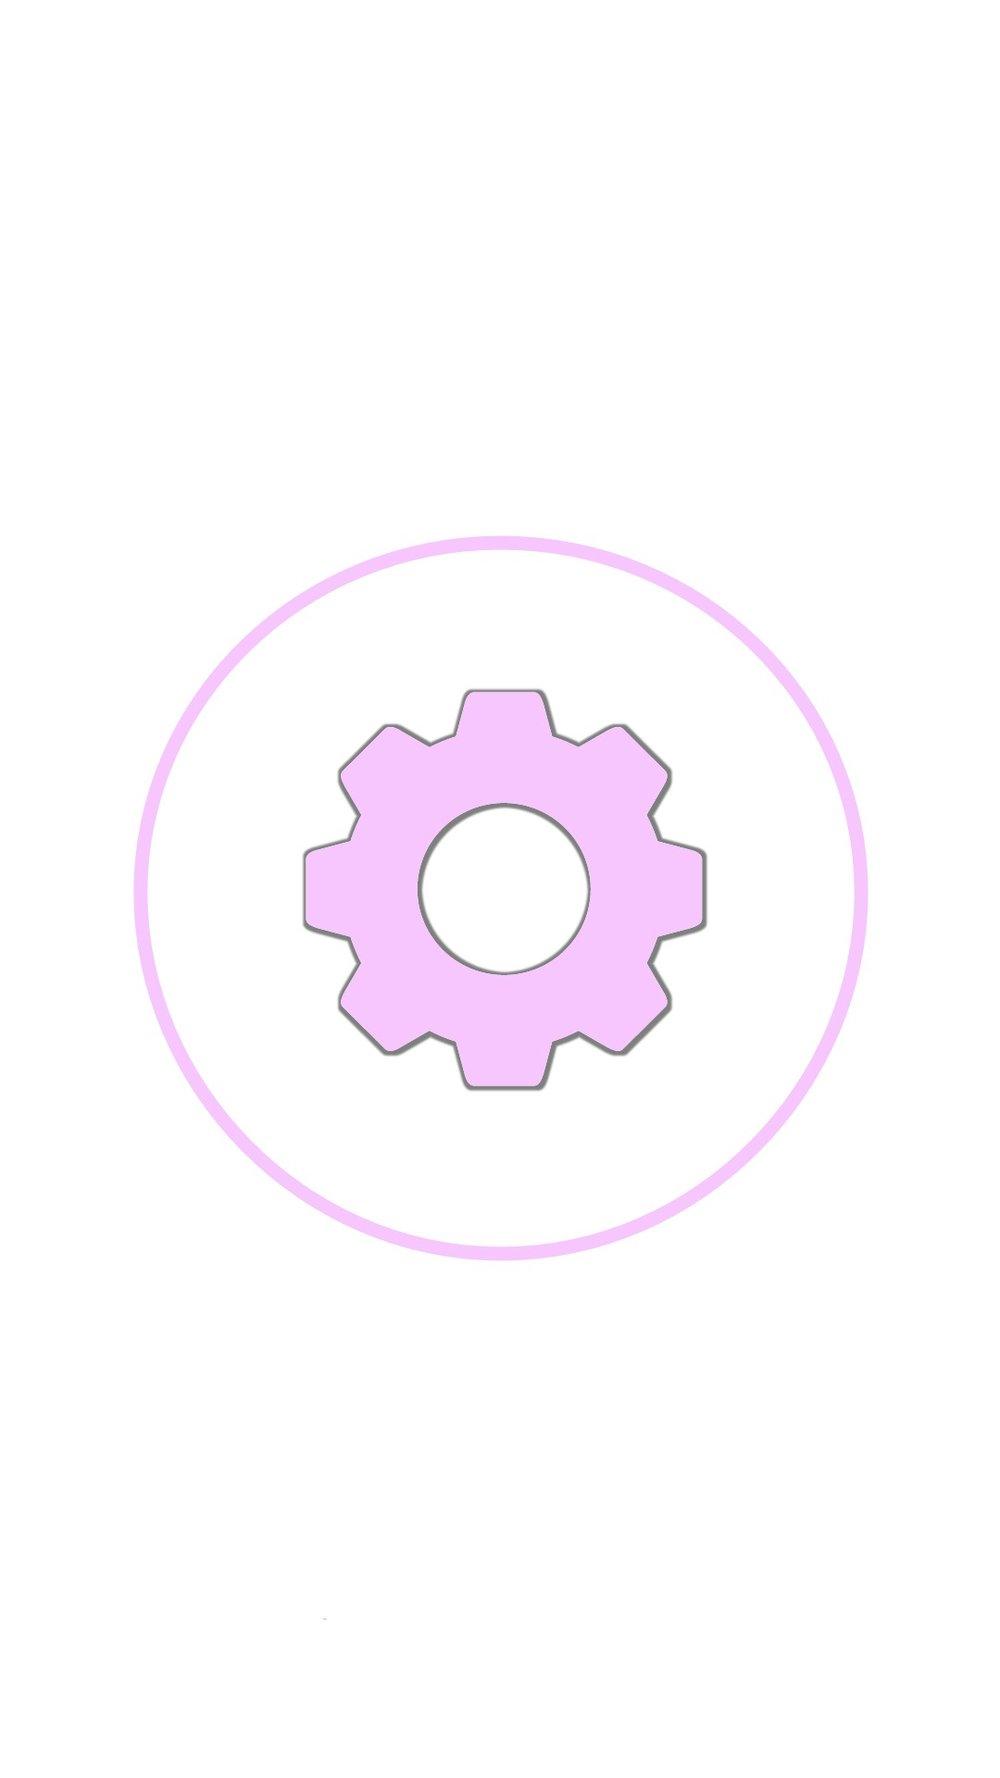 Instagram-cover-tool-pinkwhite-lotnotes.com.jpg